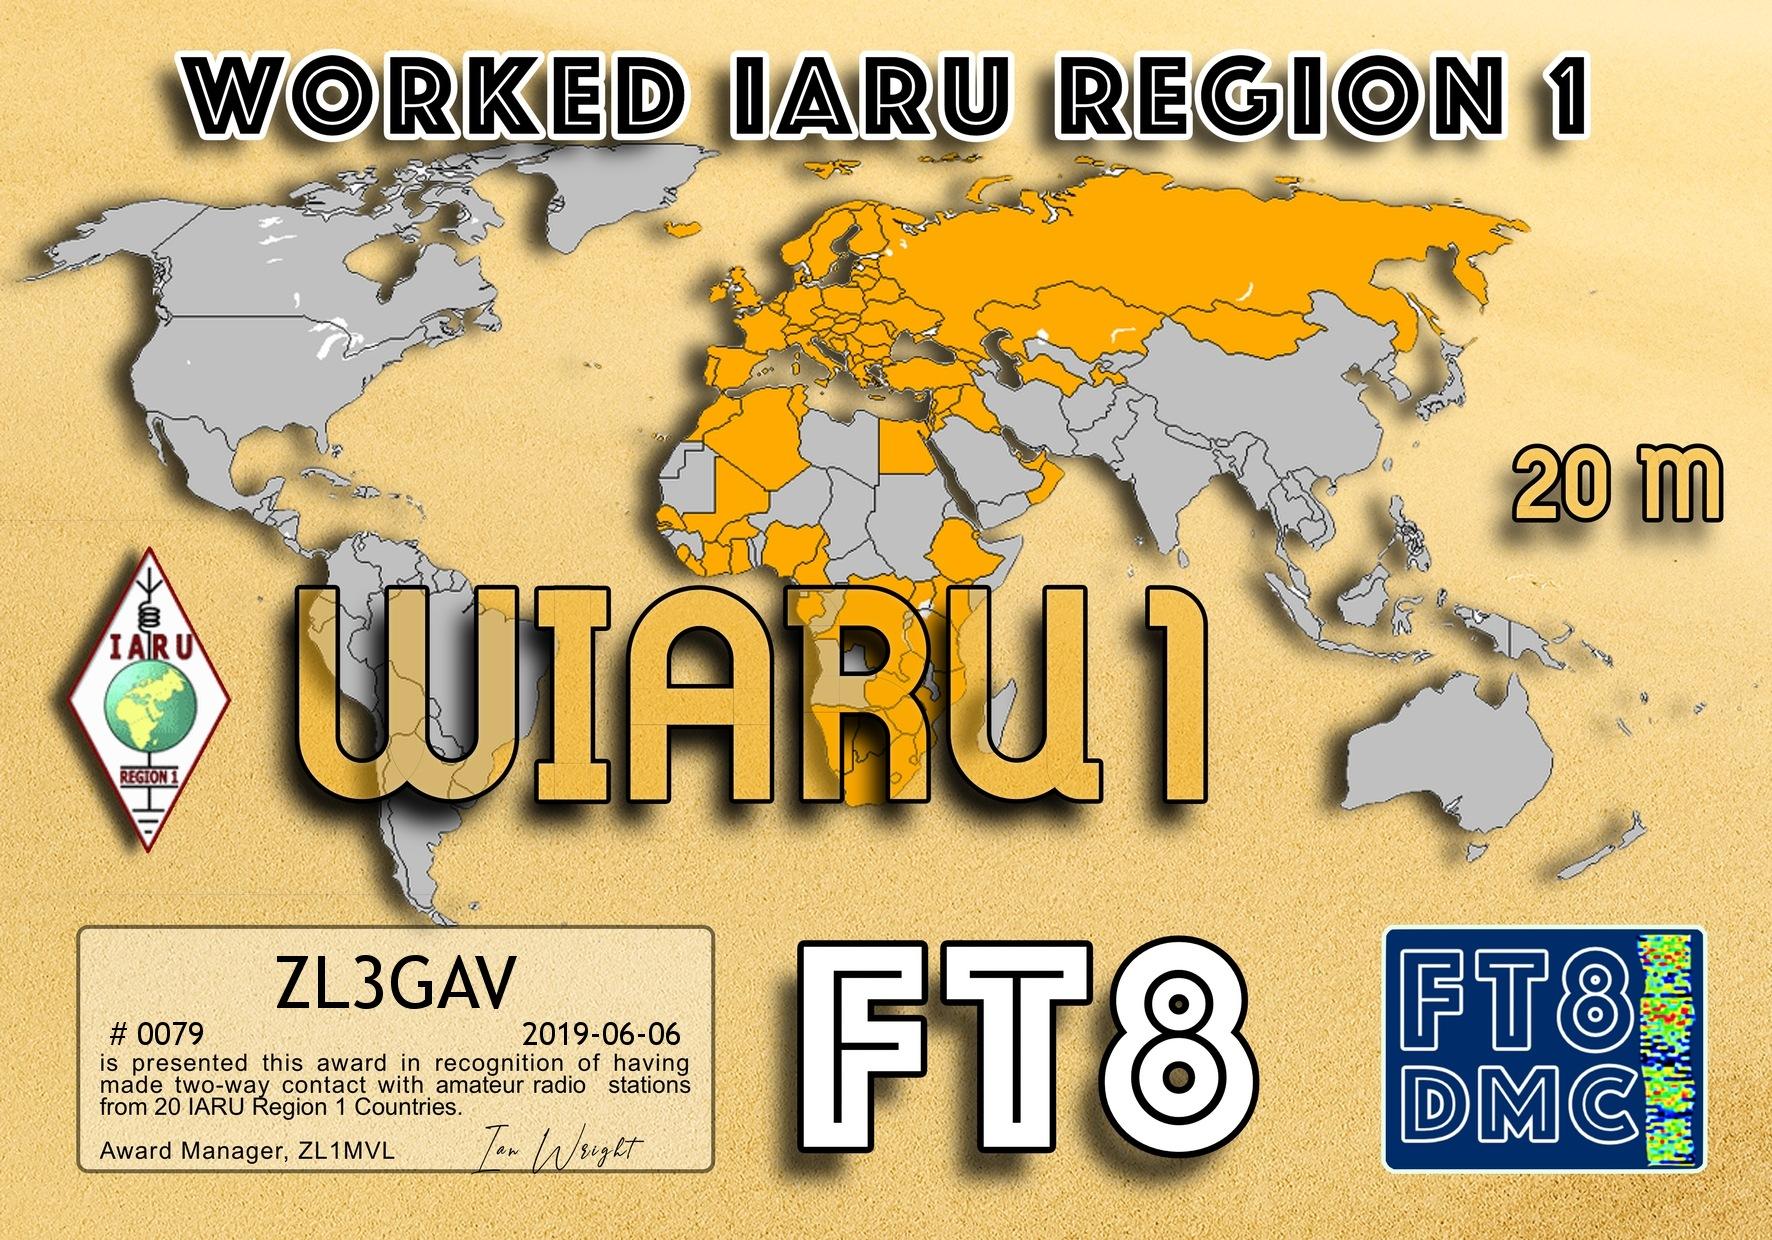 ZL3GAV-WIARU1-20M.jpg